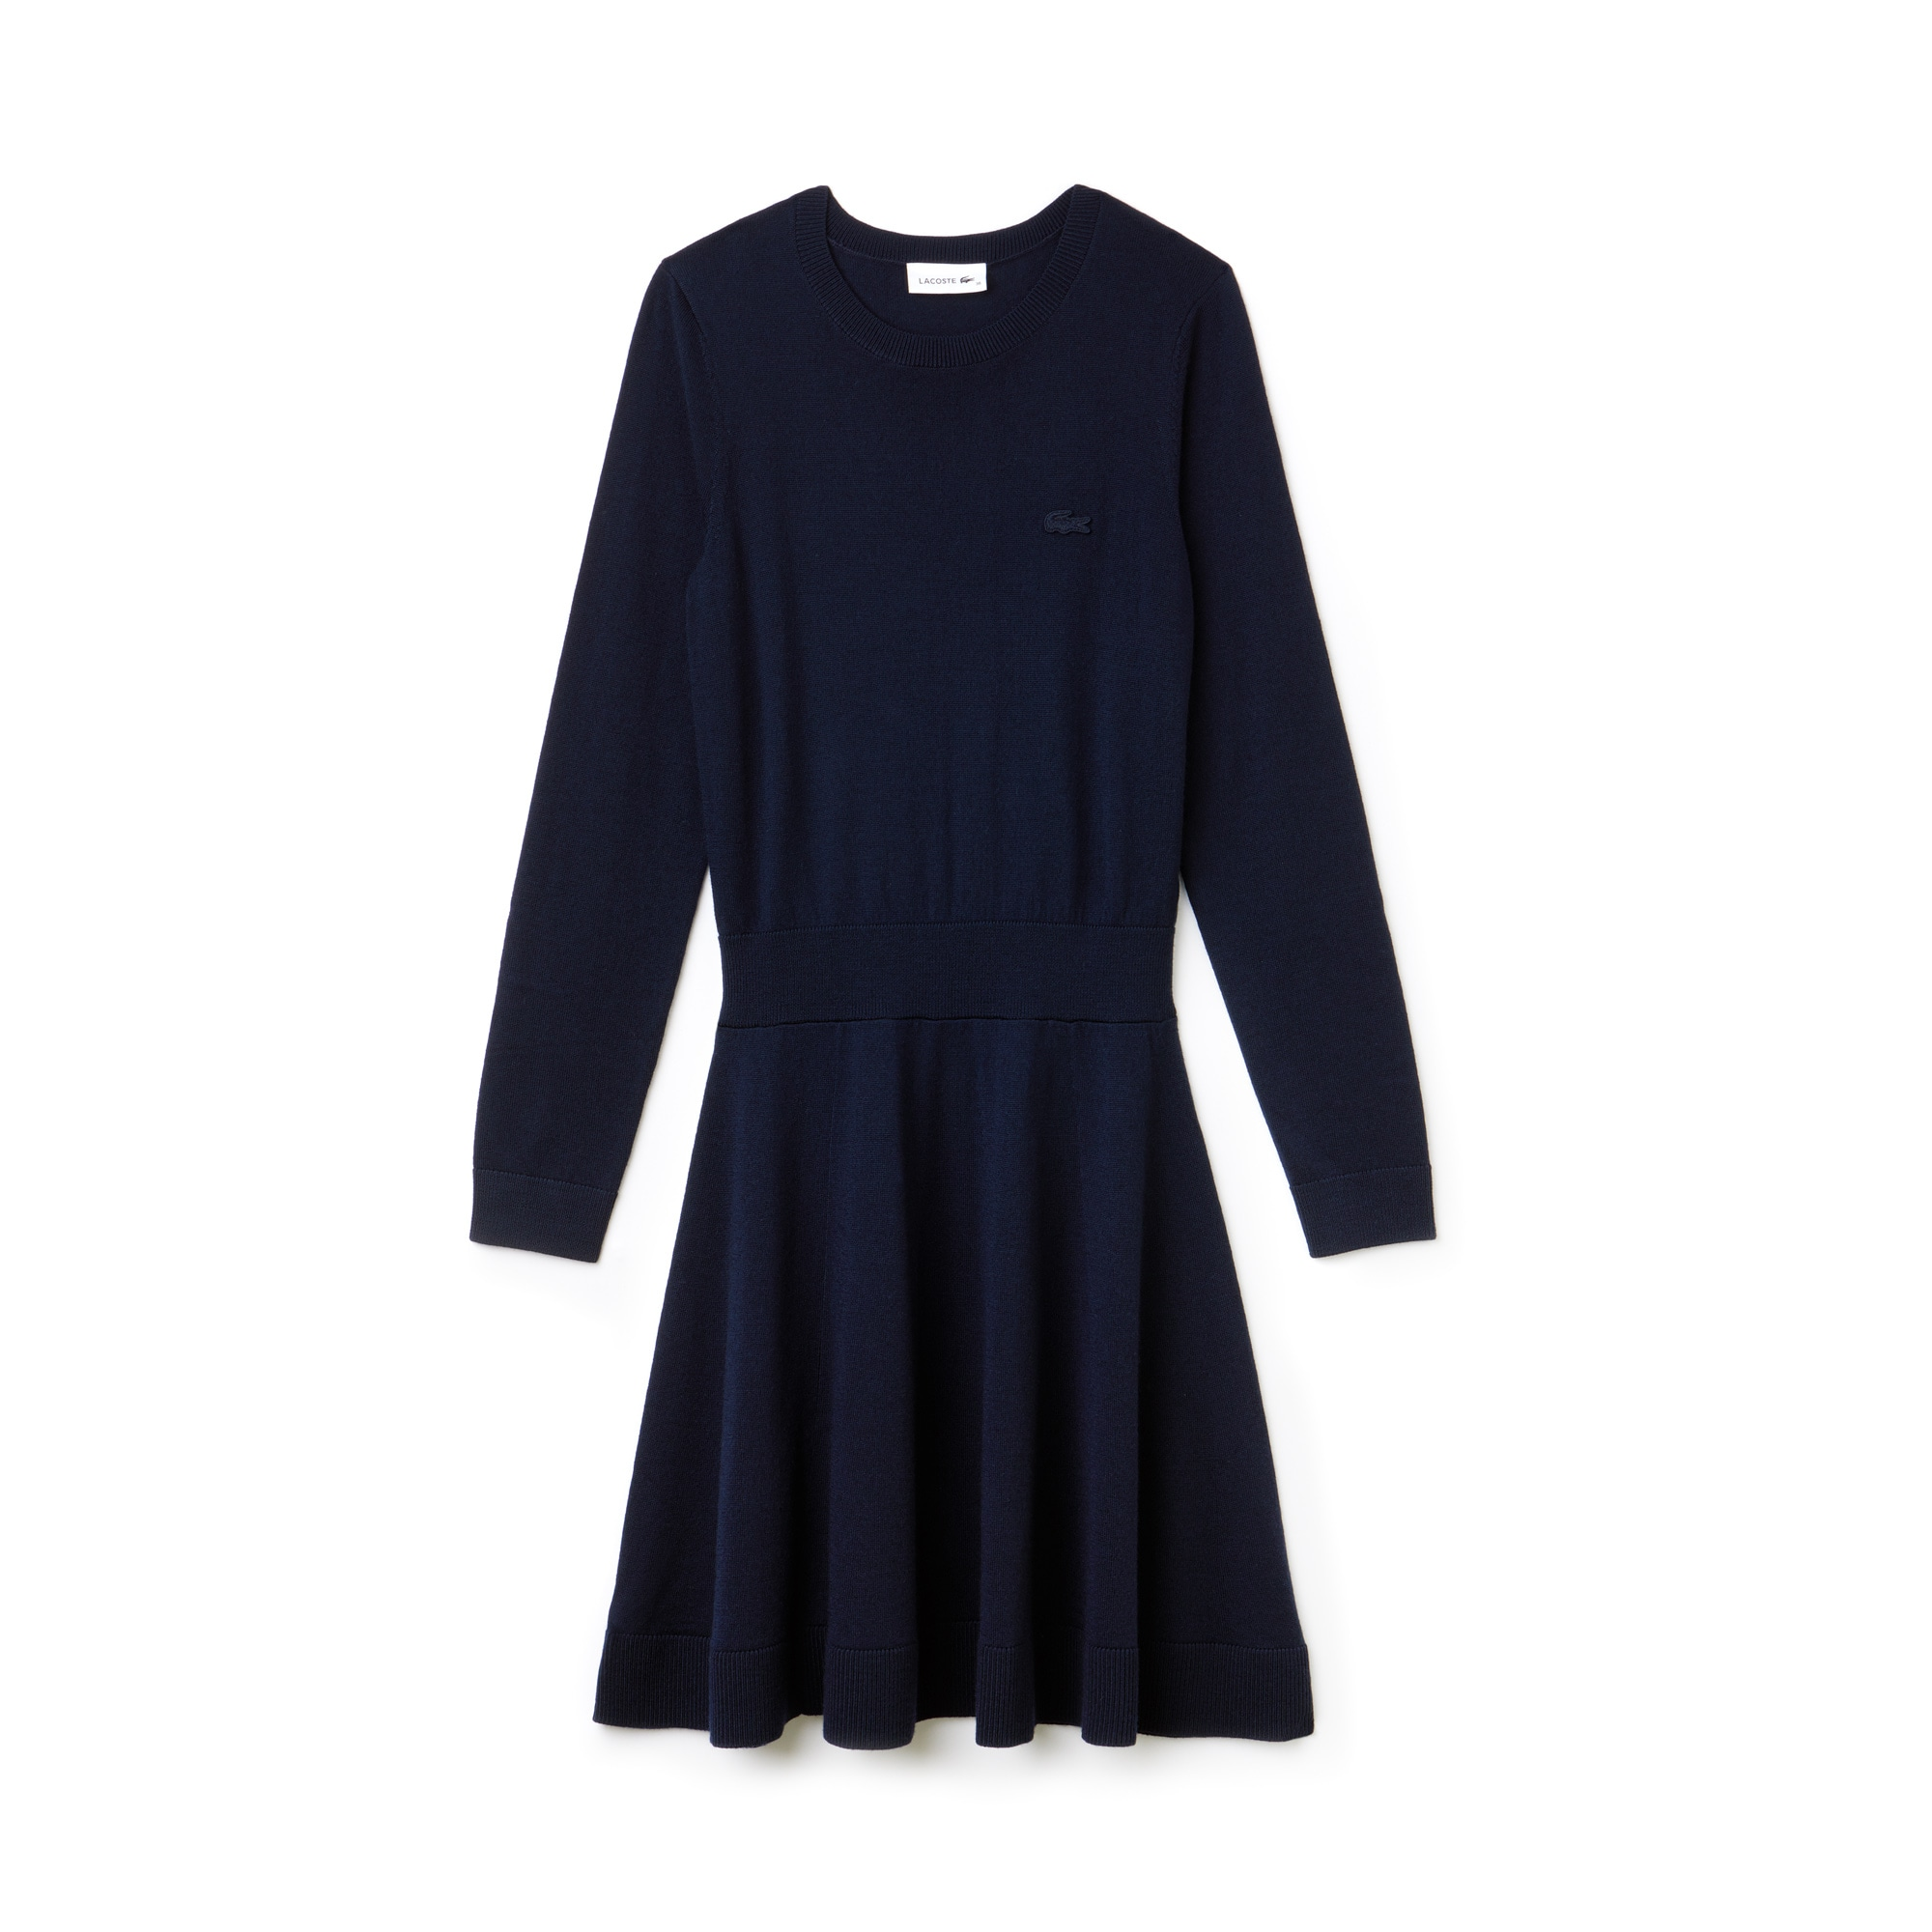 라코스테 Lacoste Womens Fitted Wool Jersey Sweater Dress,navy blue/navy blue